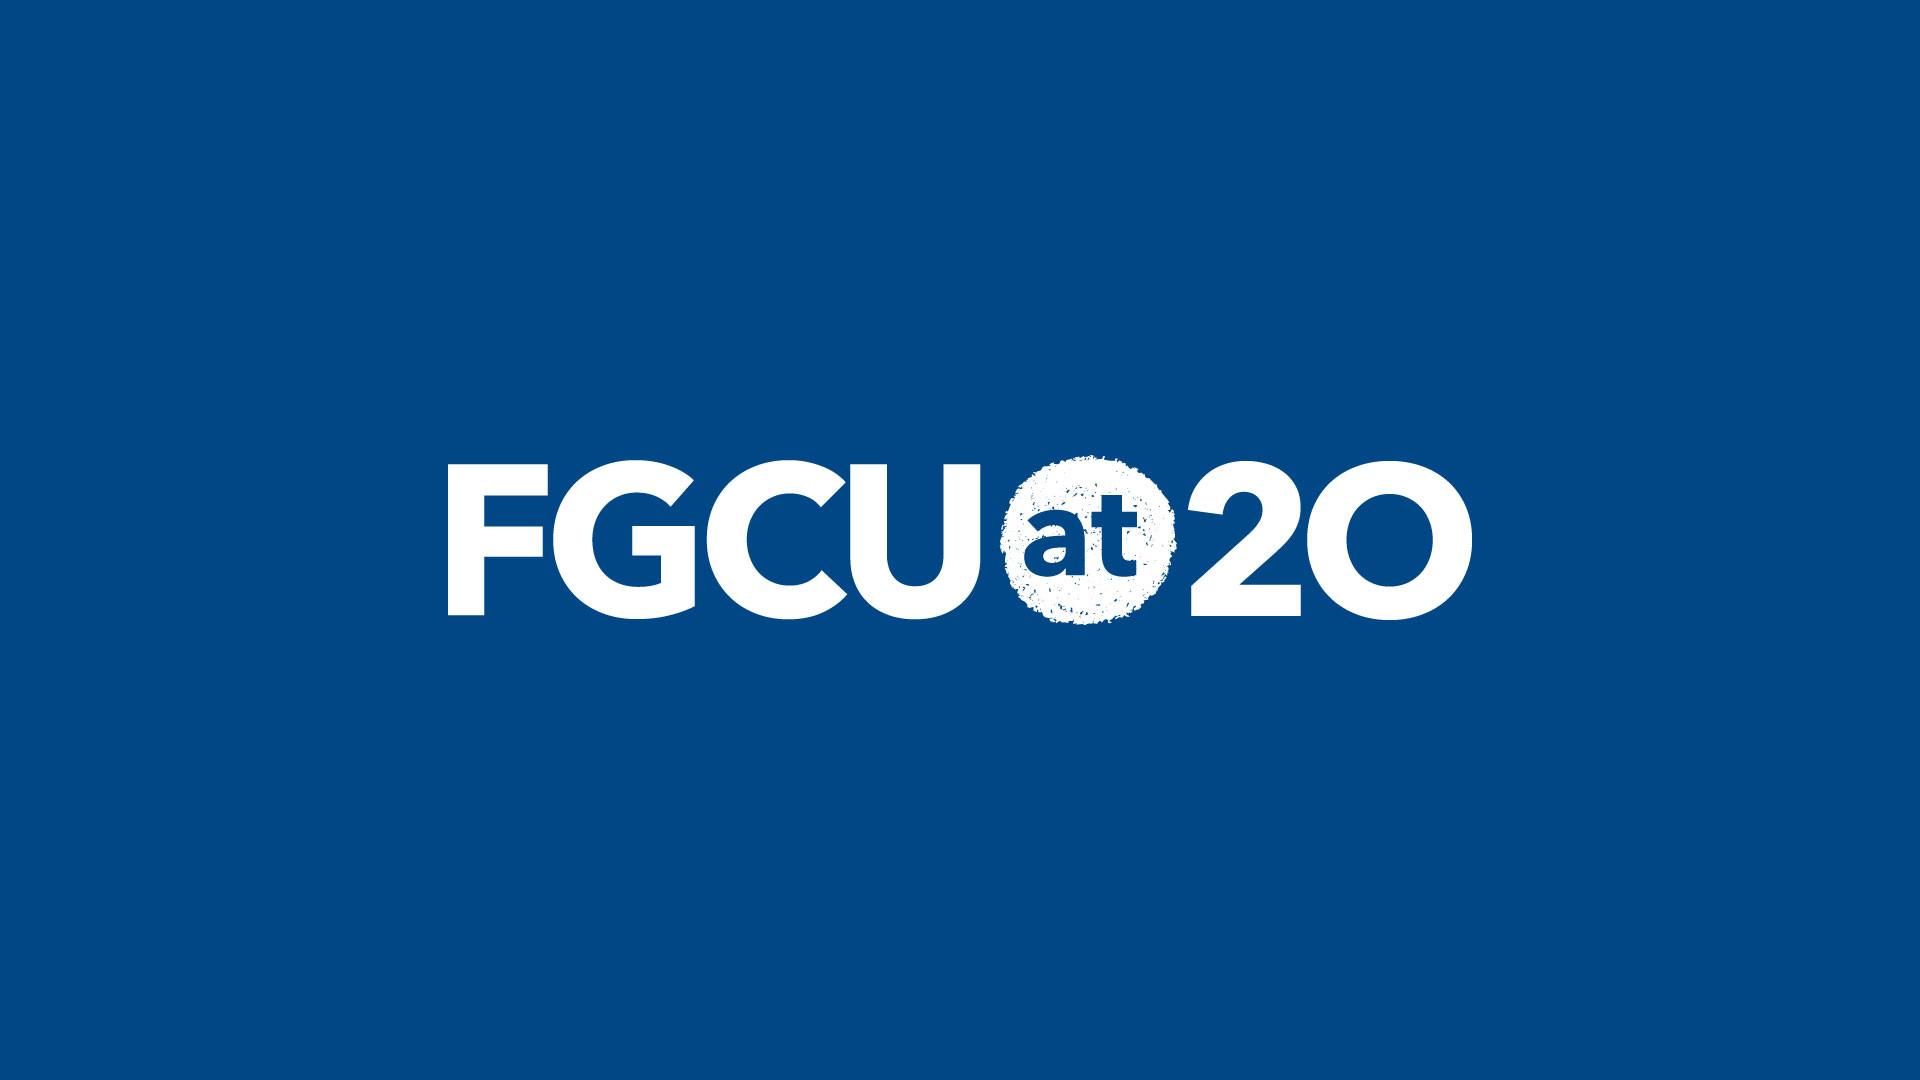 FGCU at 20 Logo Background